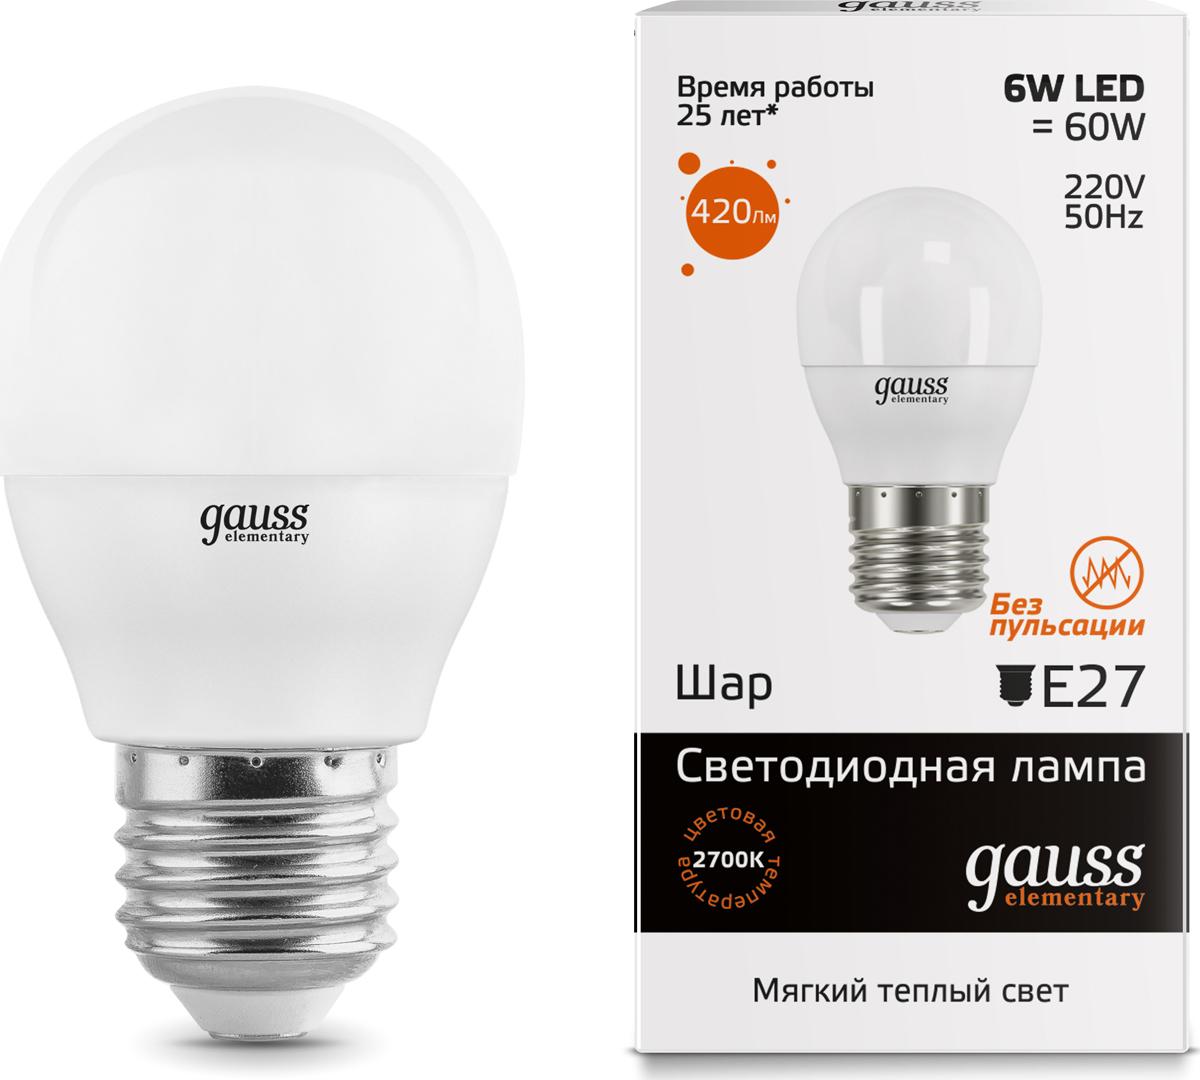 Лампочка Gauss, Теплый свет 6 Вт, Светодиодная Gauss